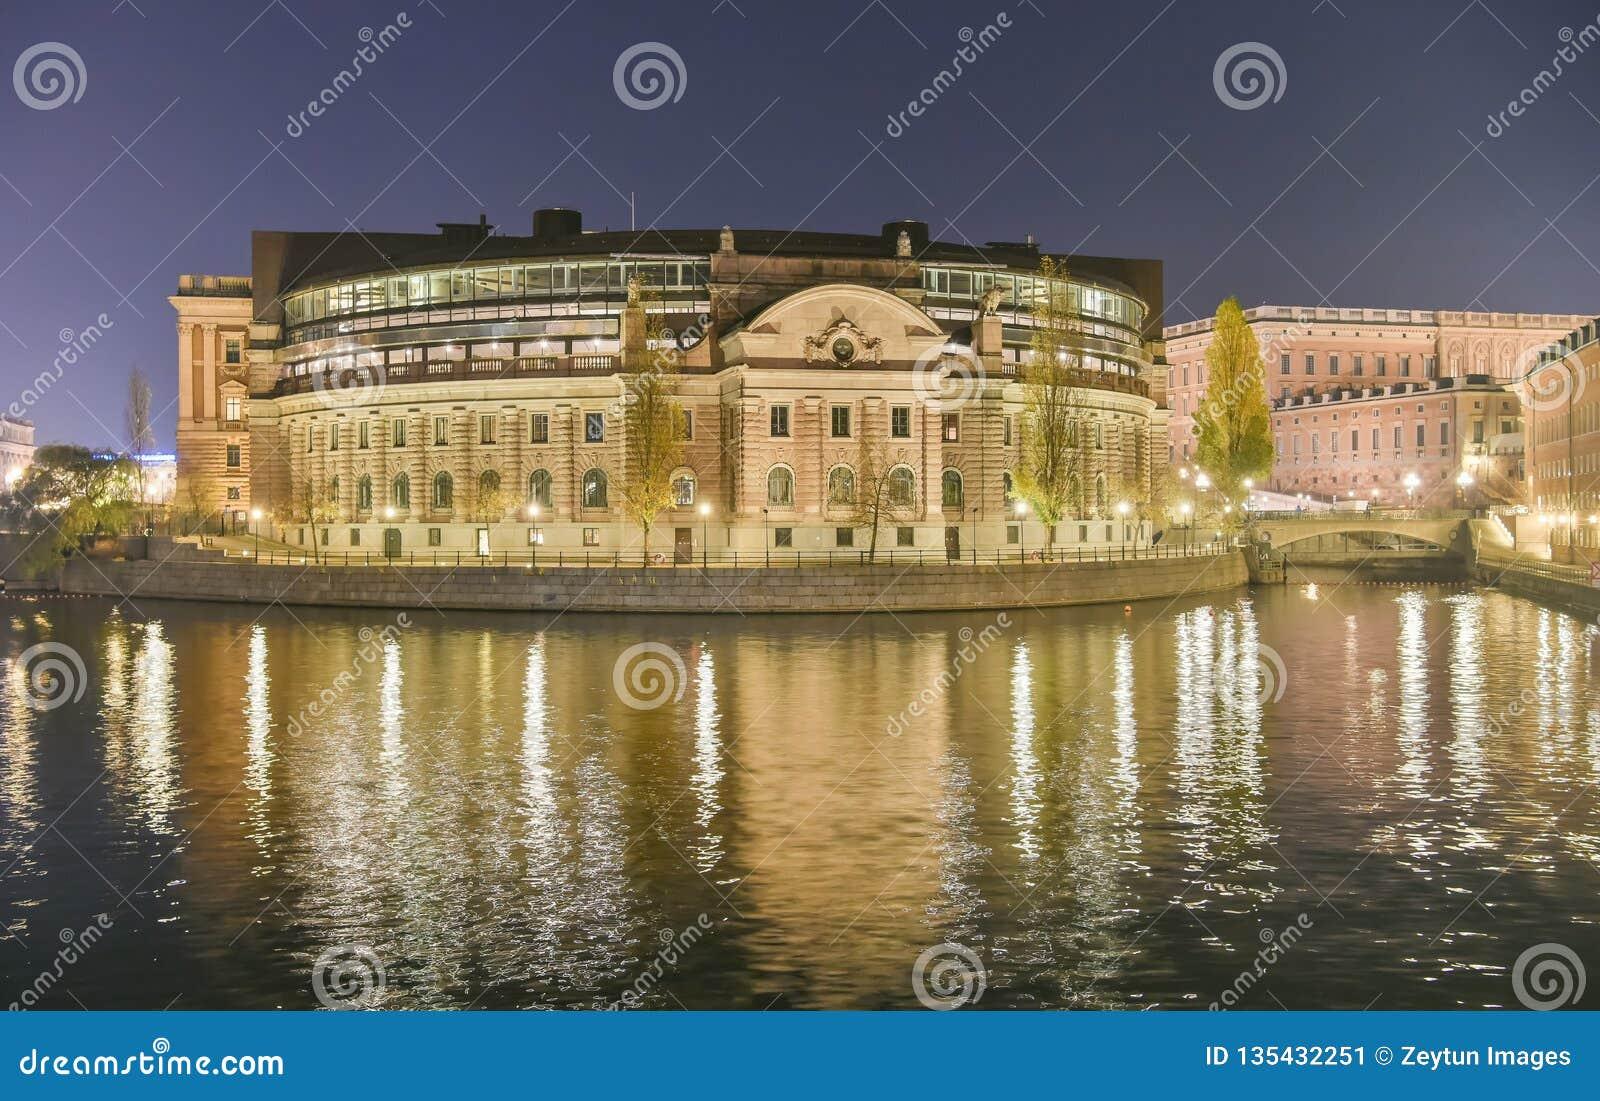 Σουηδικό σπίτι Riksdagshuset του Κοινοβουλίου στη Στοκχόλμη τη νύχτα